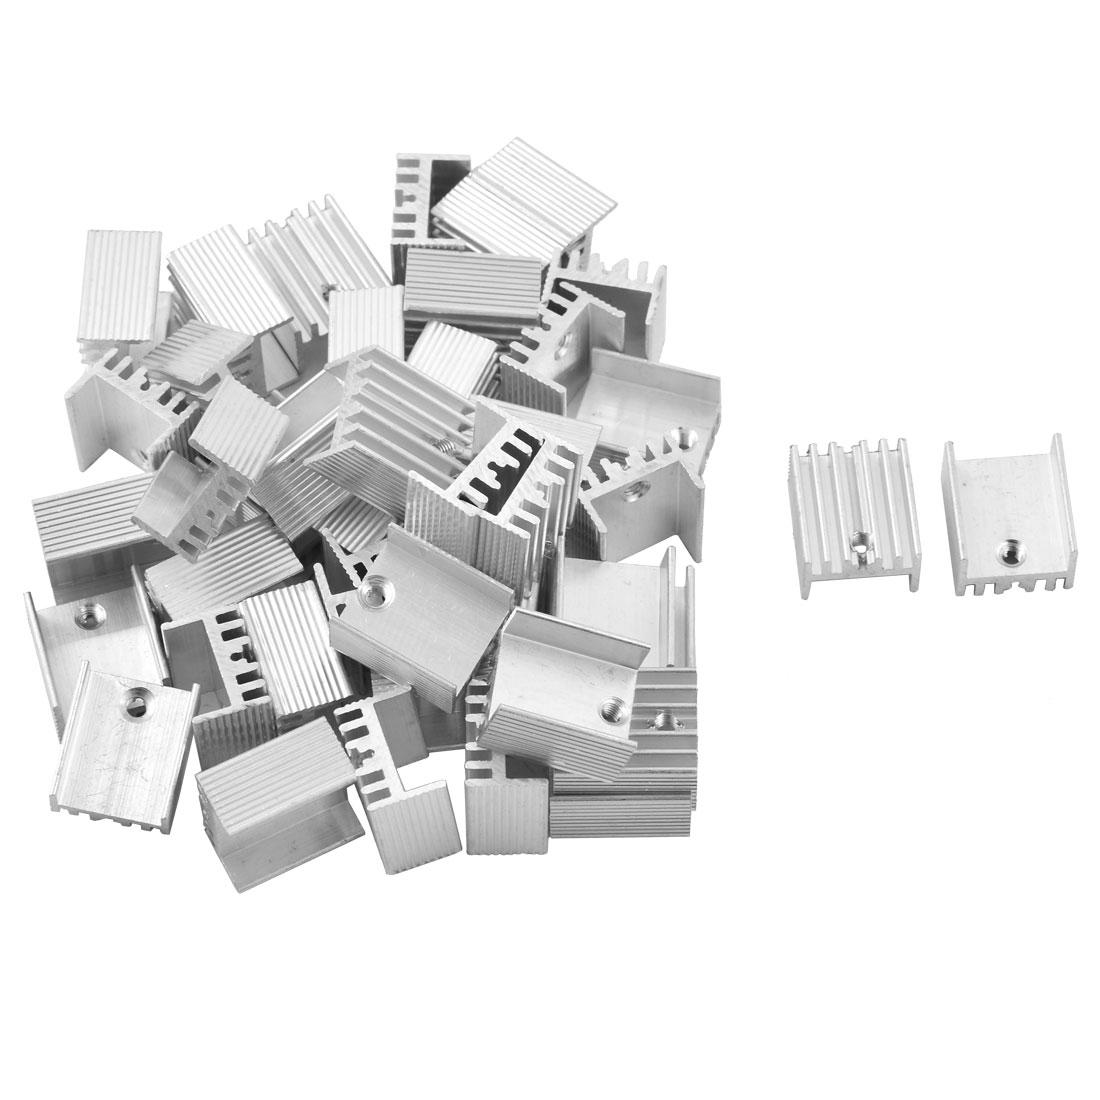 Aluminium Heat Diffuse Cooling Fin Cooler Silver Tone 17mm x 15mm x 10mm 42 Pcs